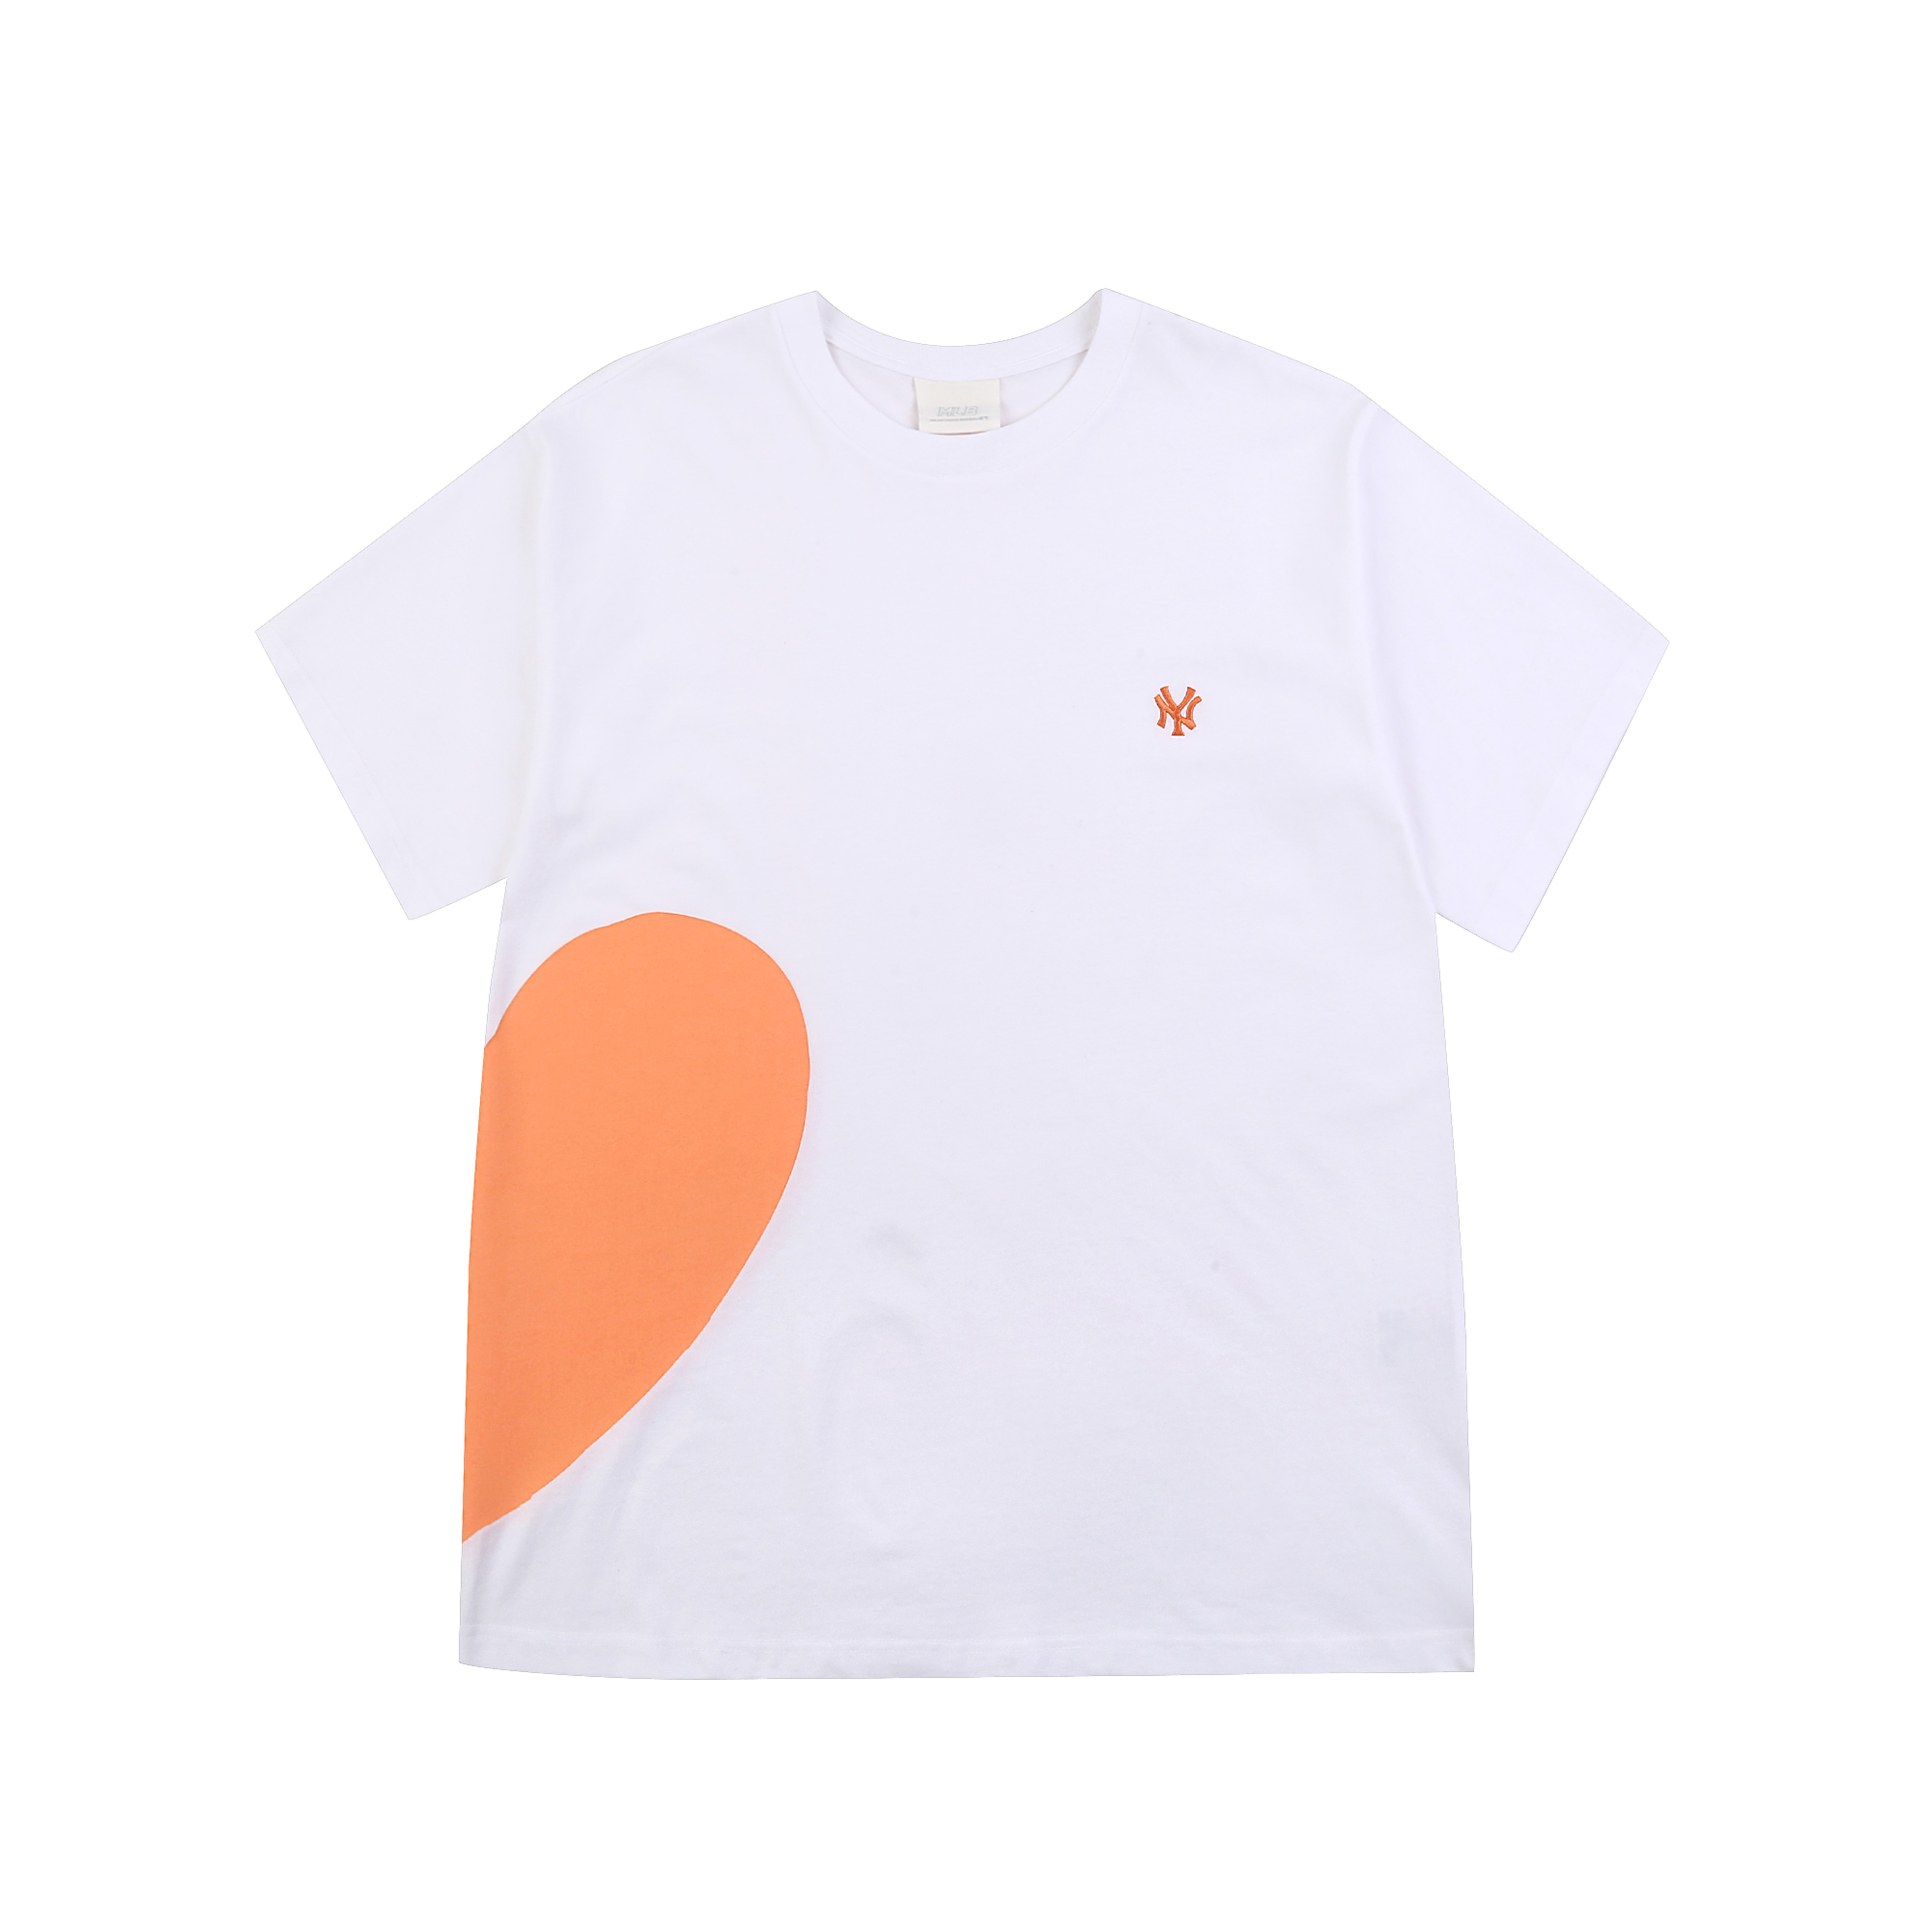 하트 커플 오버핏 반팔 티셔츠 뉴욕양키스